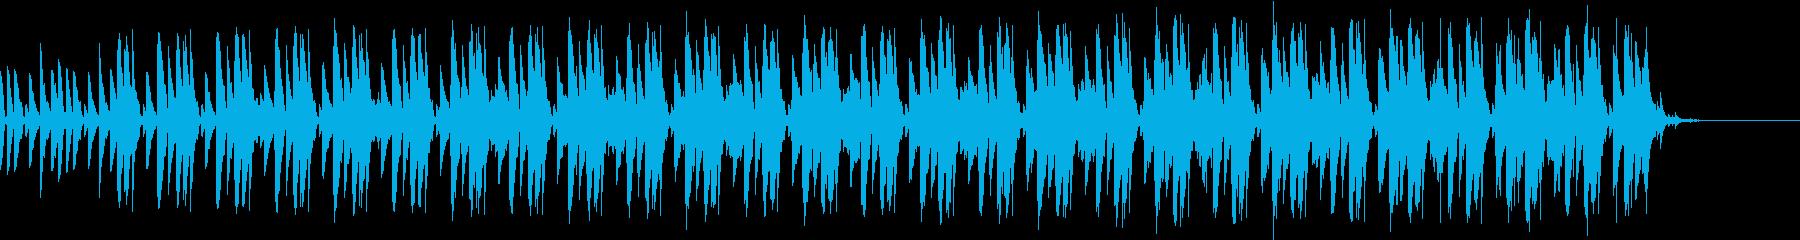 これがメンタリズムです。の再生済みの波形